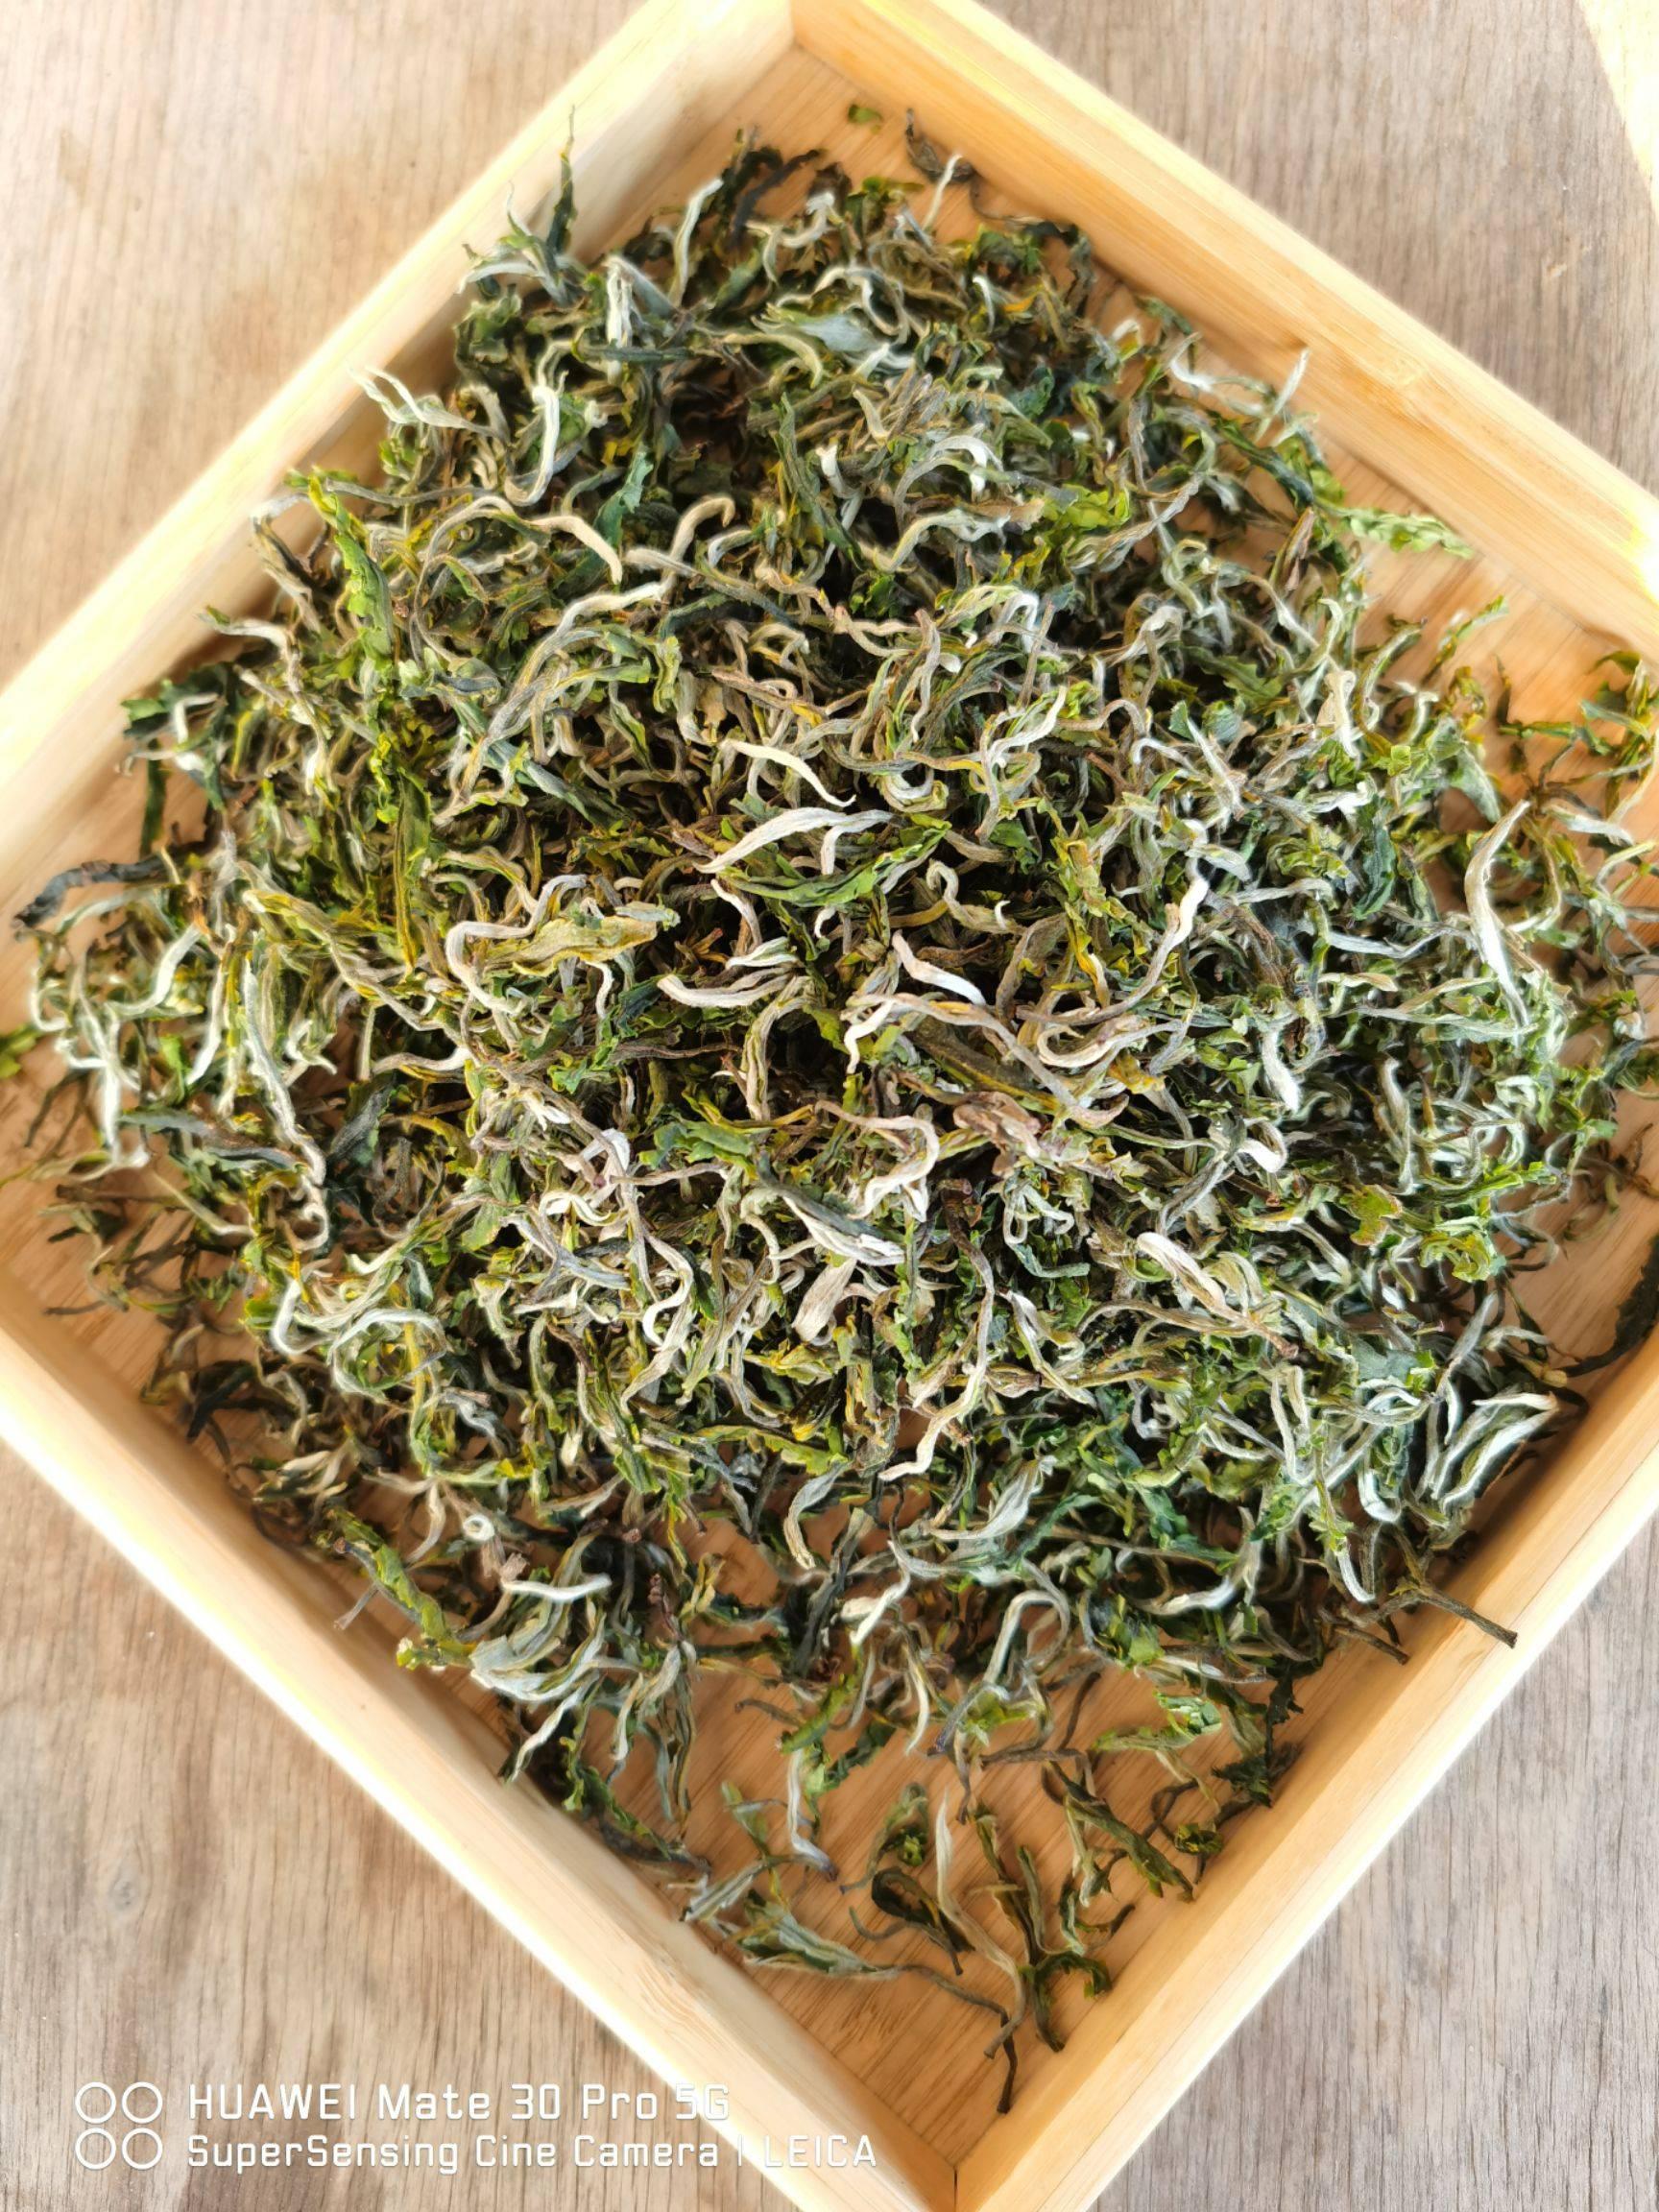 [云南绿茶批发] 春尖绿茶 有机绿茶一级料价格65元/斤